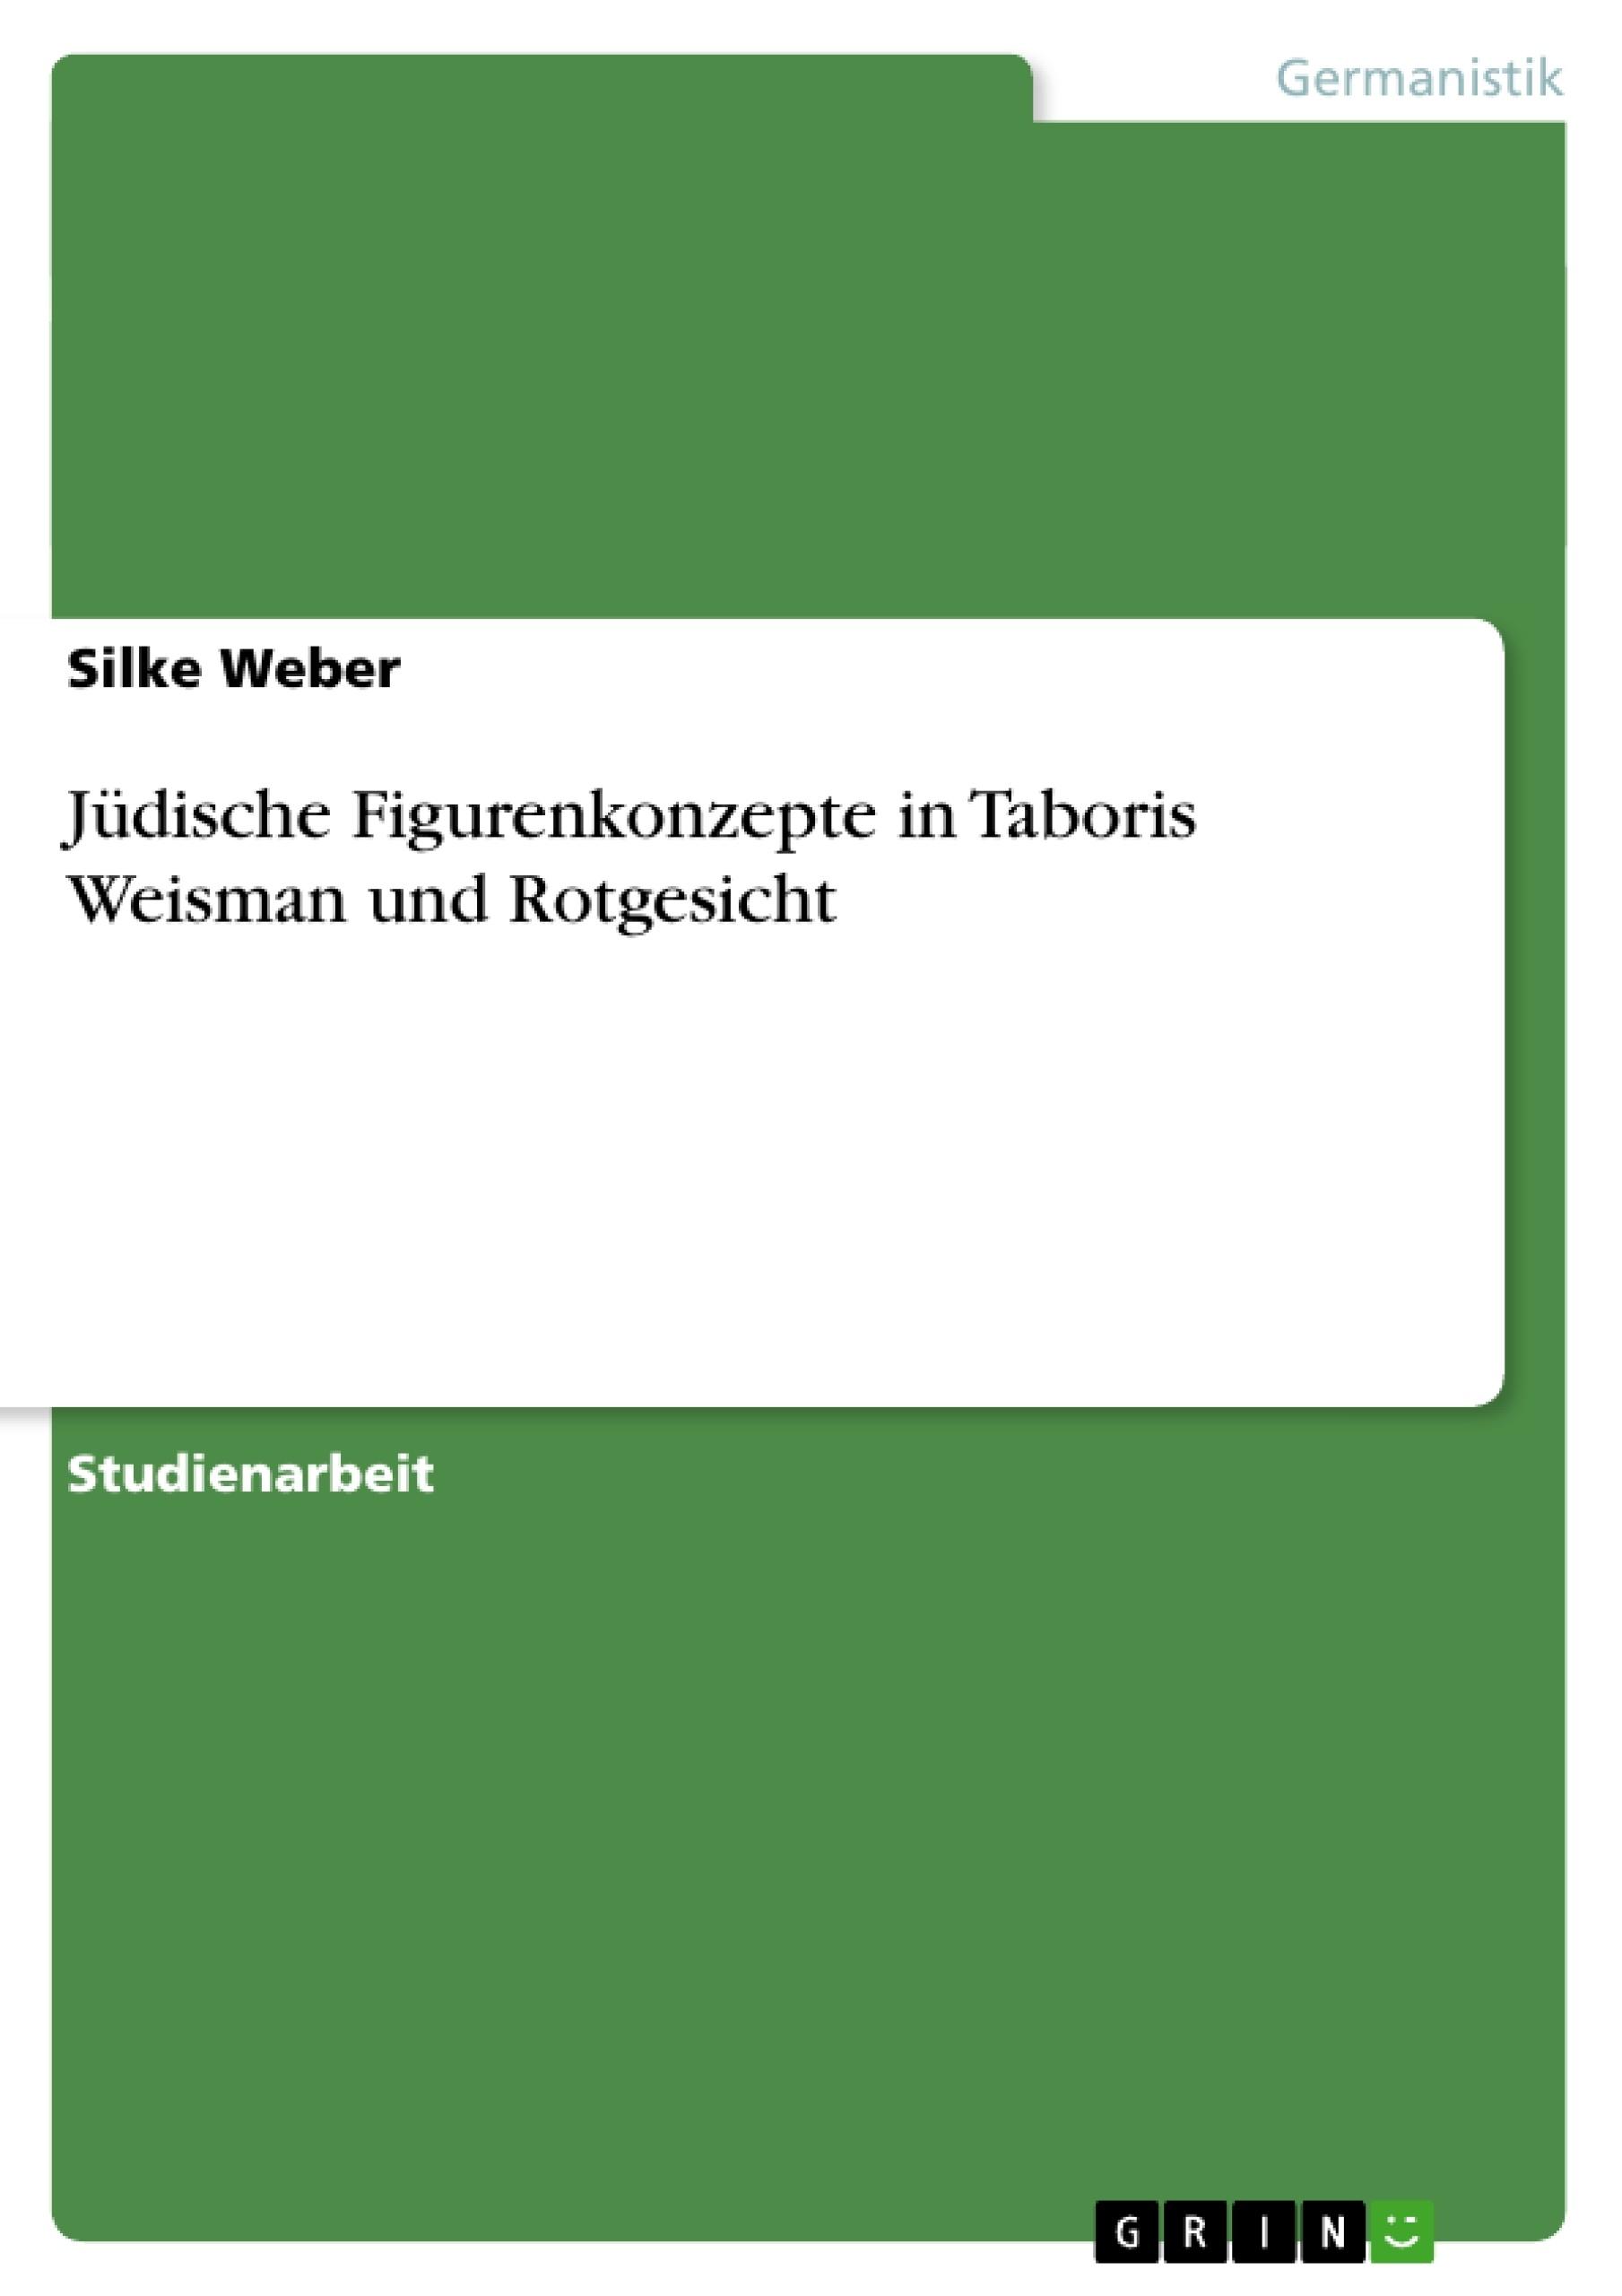 Titel: Jüdische Figurenkonzepte in Taboris Weisman und Rotgesicht